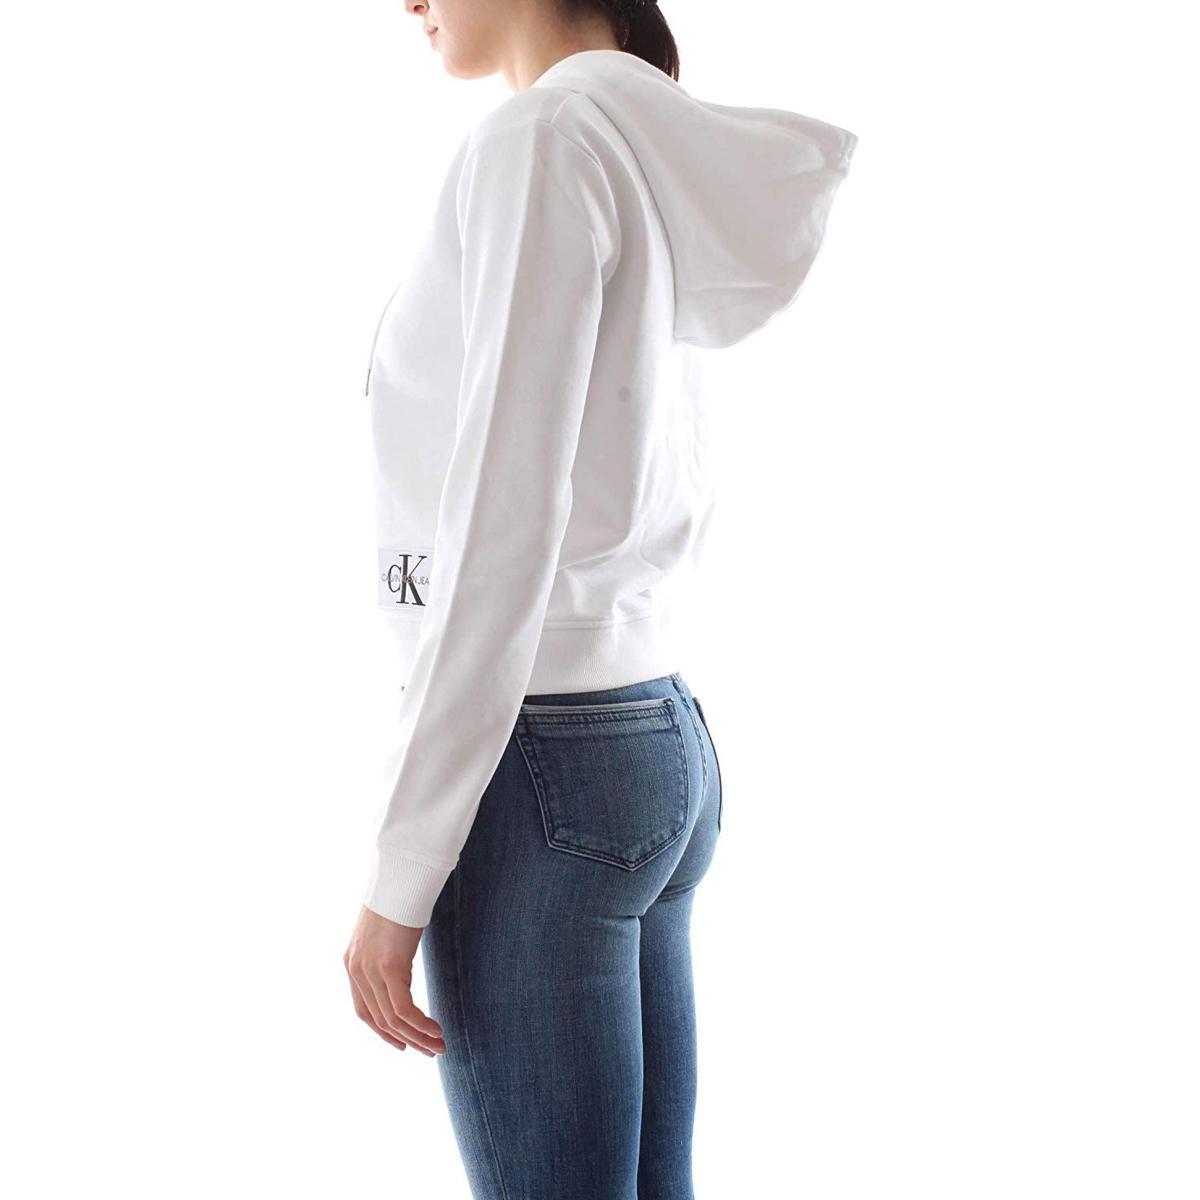 Felpa Calvin Klein Jeans a sacchetto con cappuccio da donna rif. J20J209559